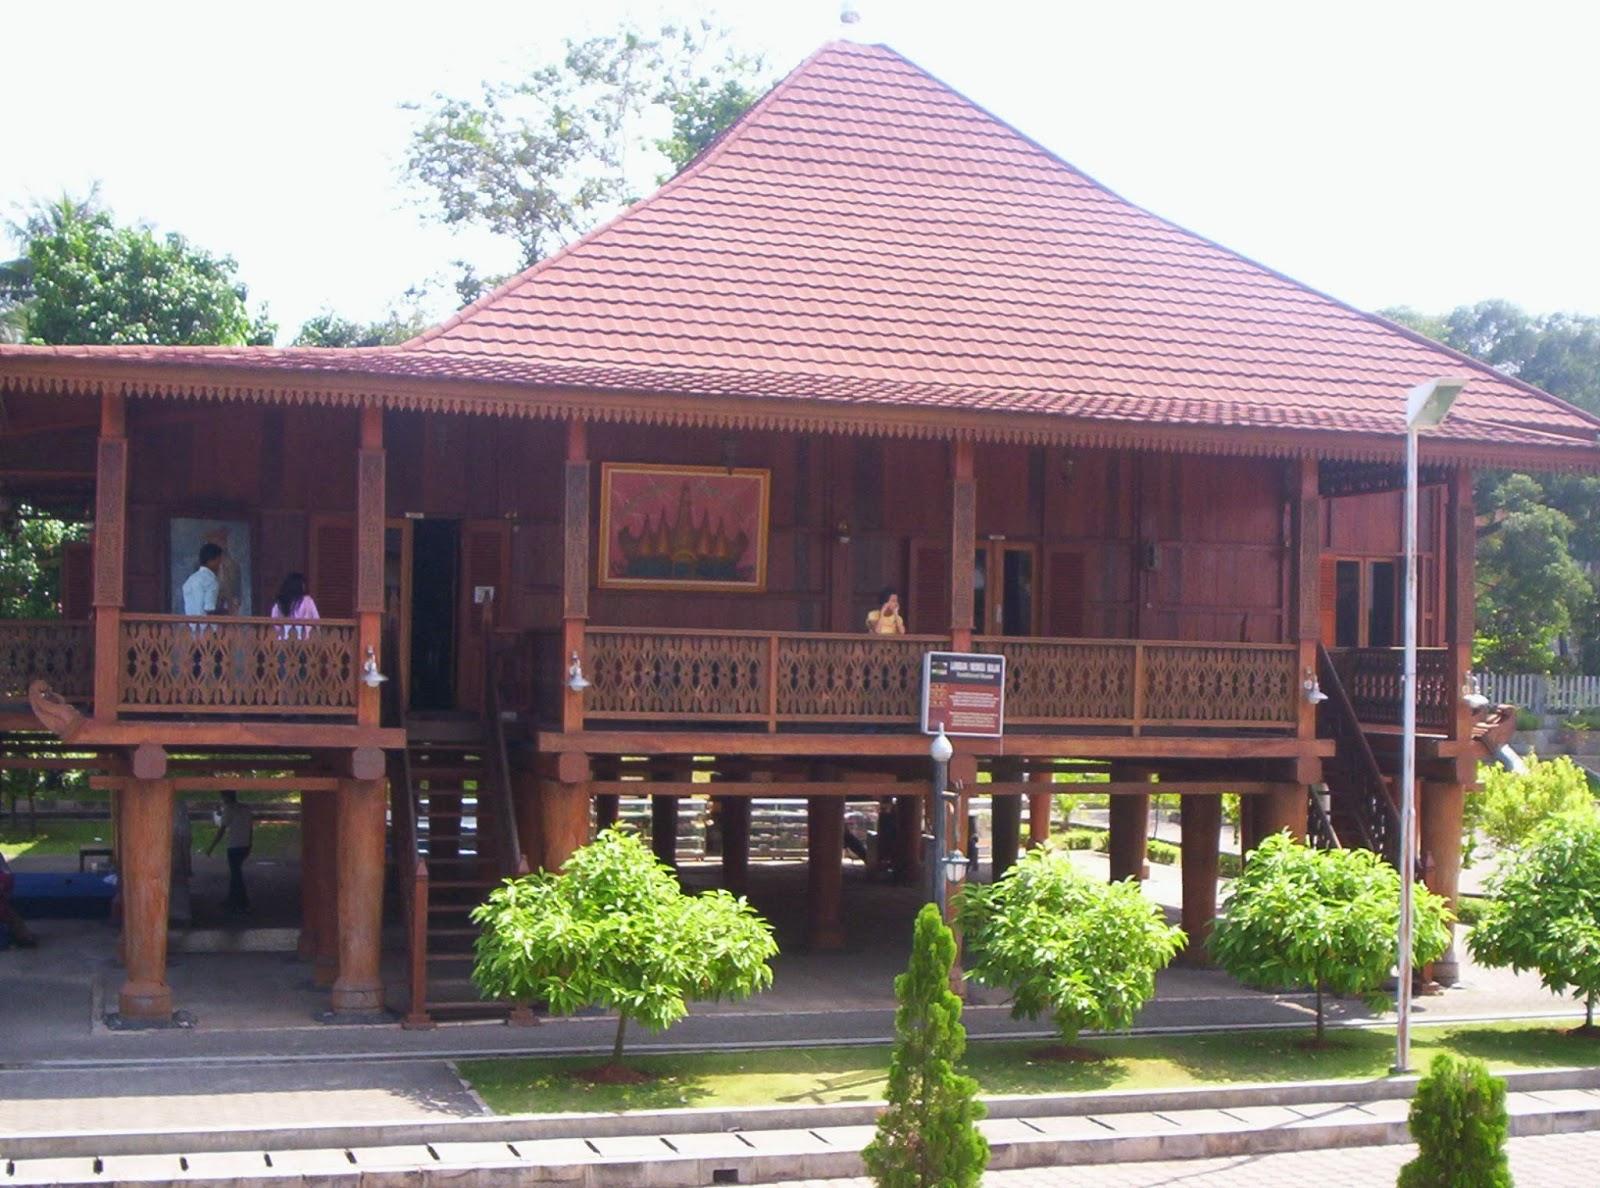 Rumah Adat Lampung Rumah Adat Indonesia